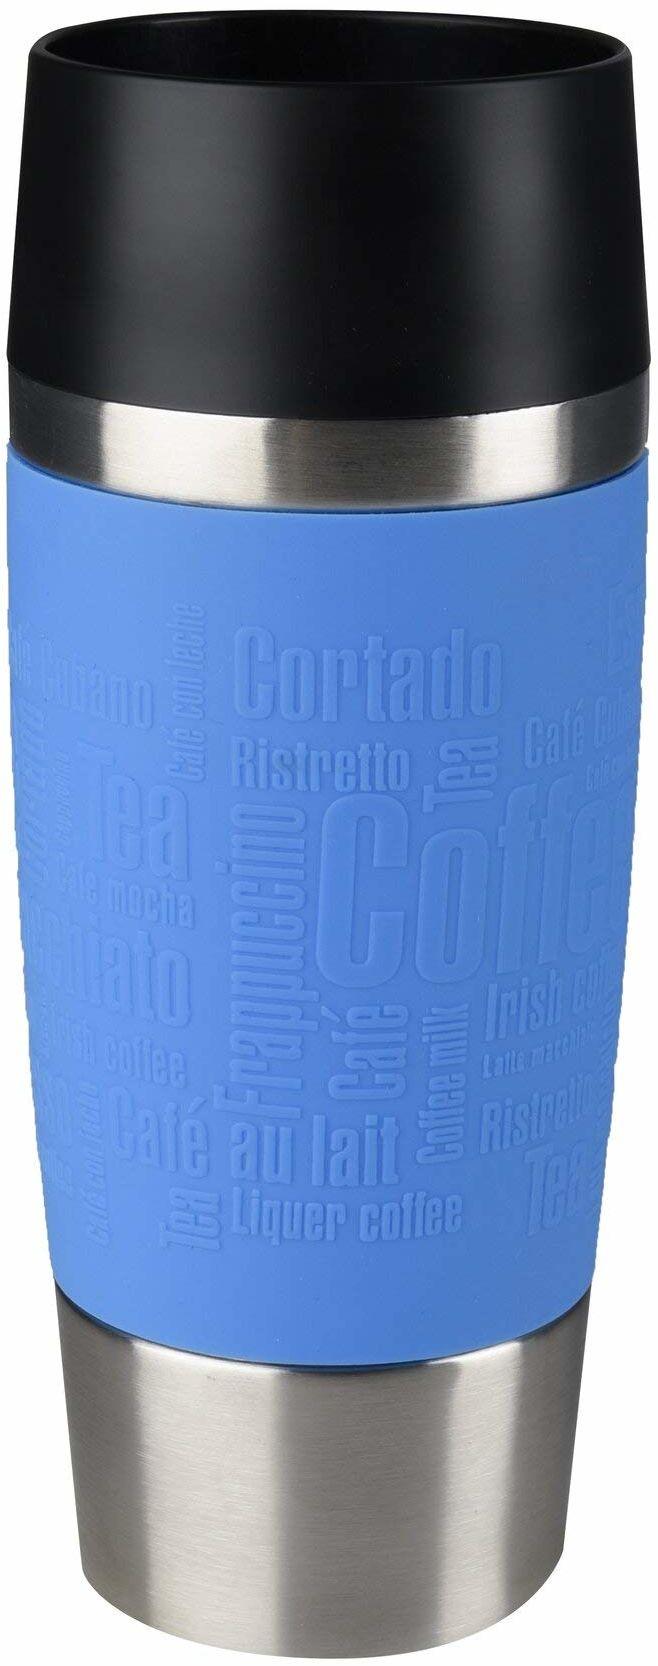 TEFAL Travel Mug K3086114 Kubek termiczny 0,36 L Jasnoniebieski, Ze stali nierdzewnej, 100% szczelność, System picia 360 , Utrzymywanie ciepła do 4h, zimna do 8h